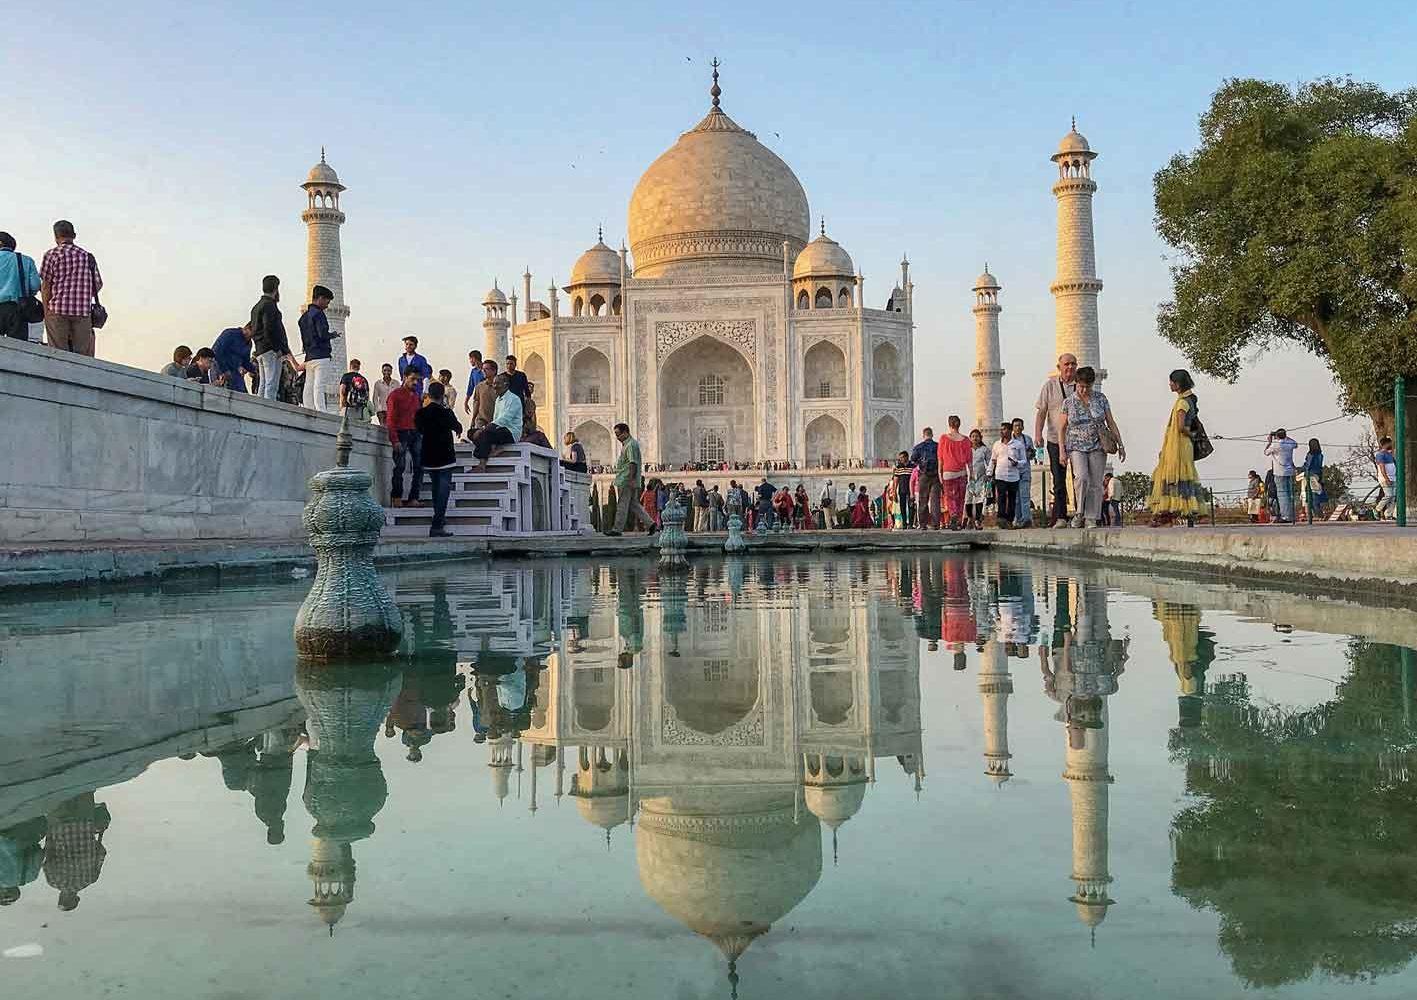 Eines der sieben neuen Weltwunder: Der Taj Mahal, Indien